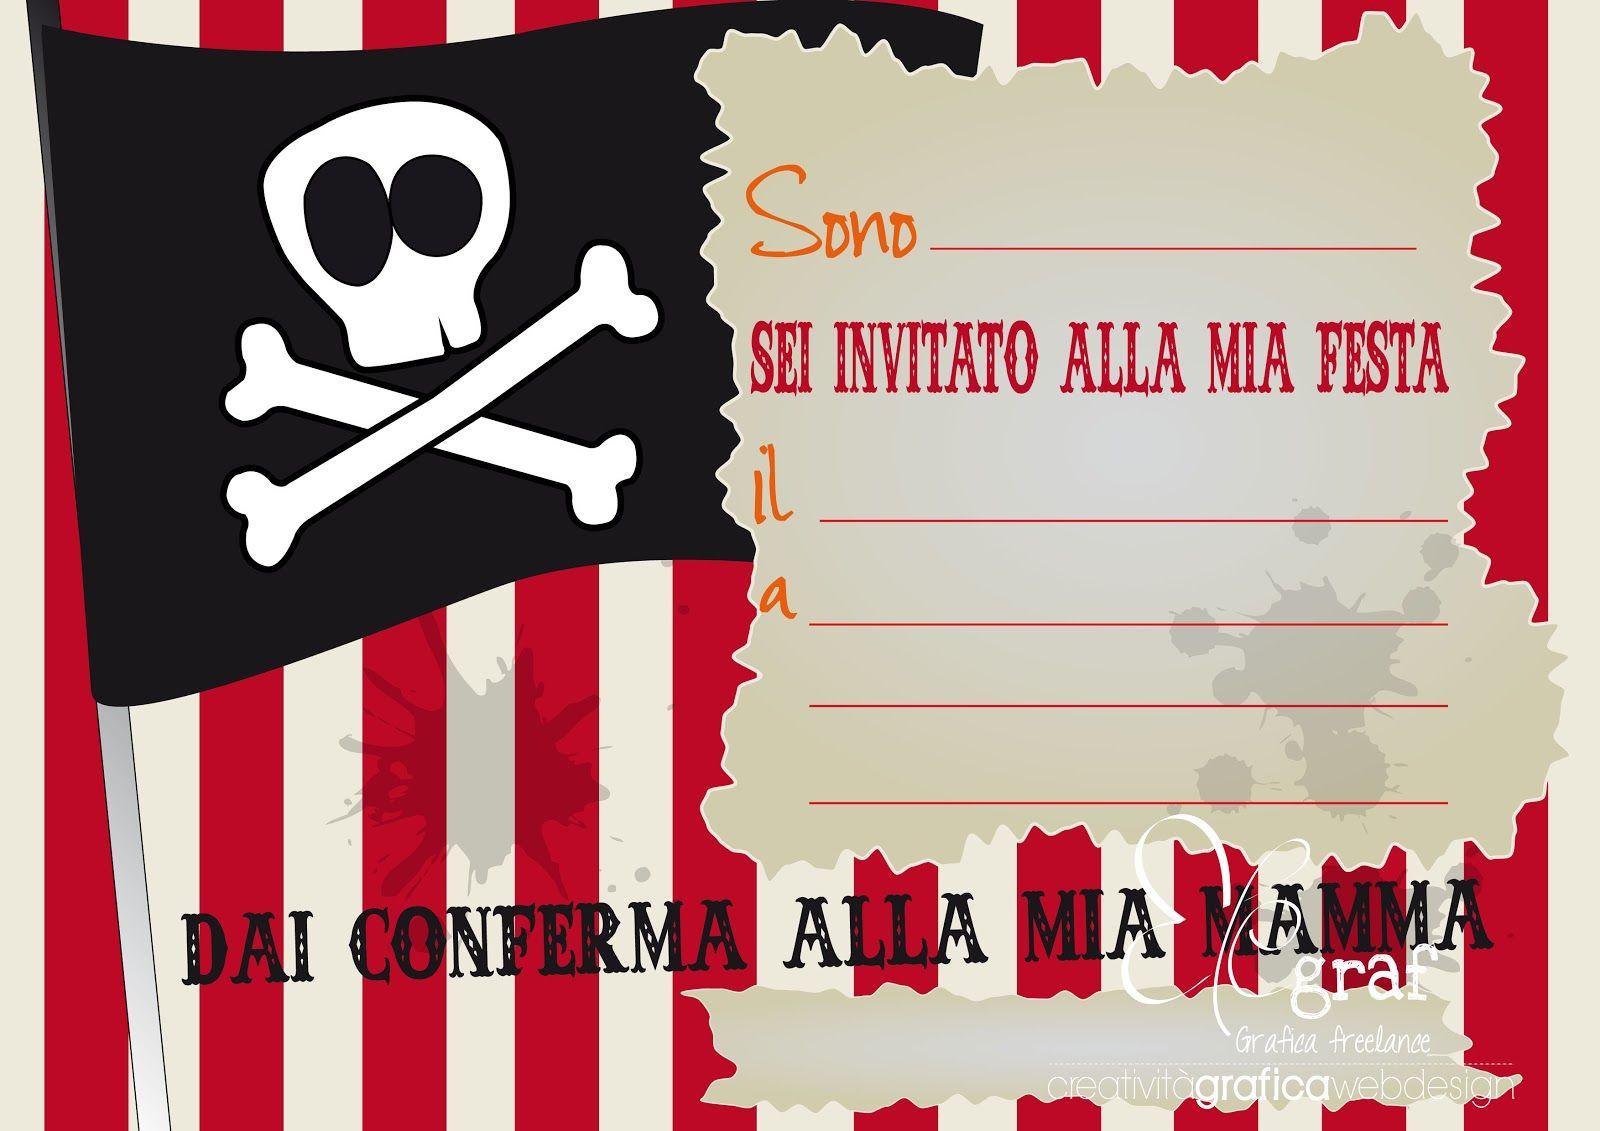 Elegraf Grafica Freelance Partykit Gratis Per Festa A Tema Pirati Feste Di Compleanno A Tema Pirata Festa A Tema Pirati Tema Pirata